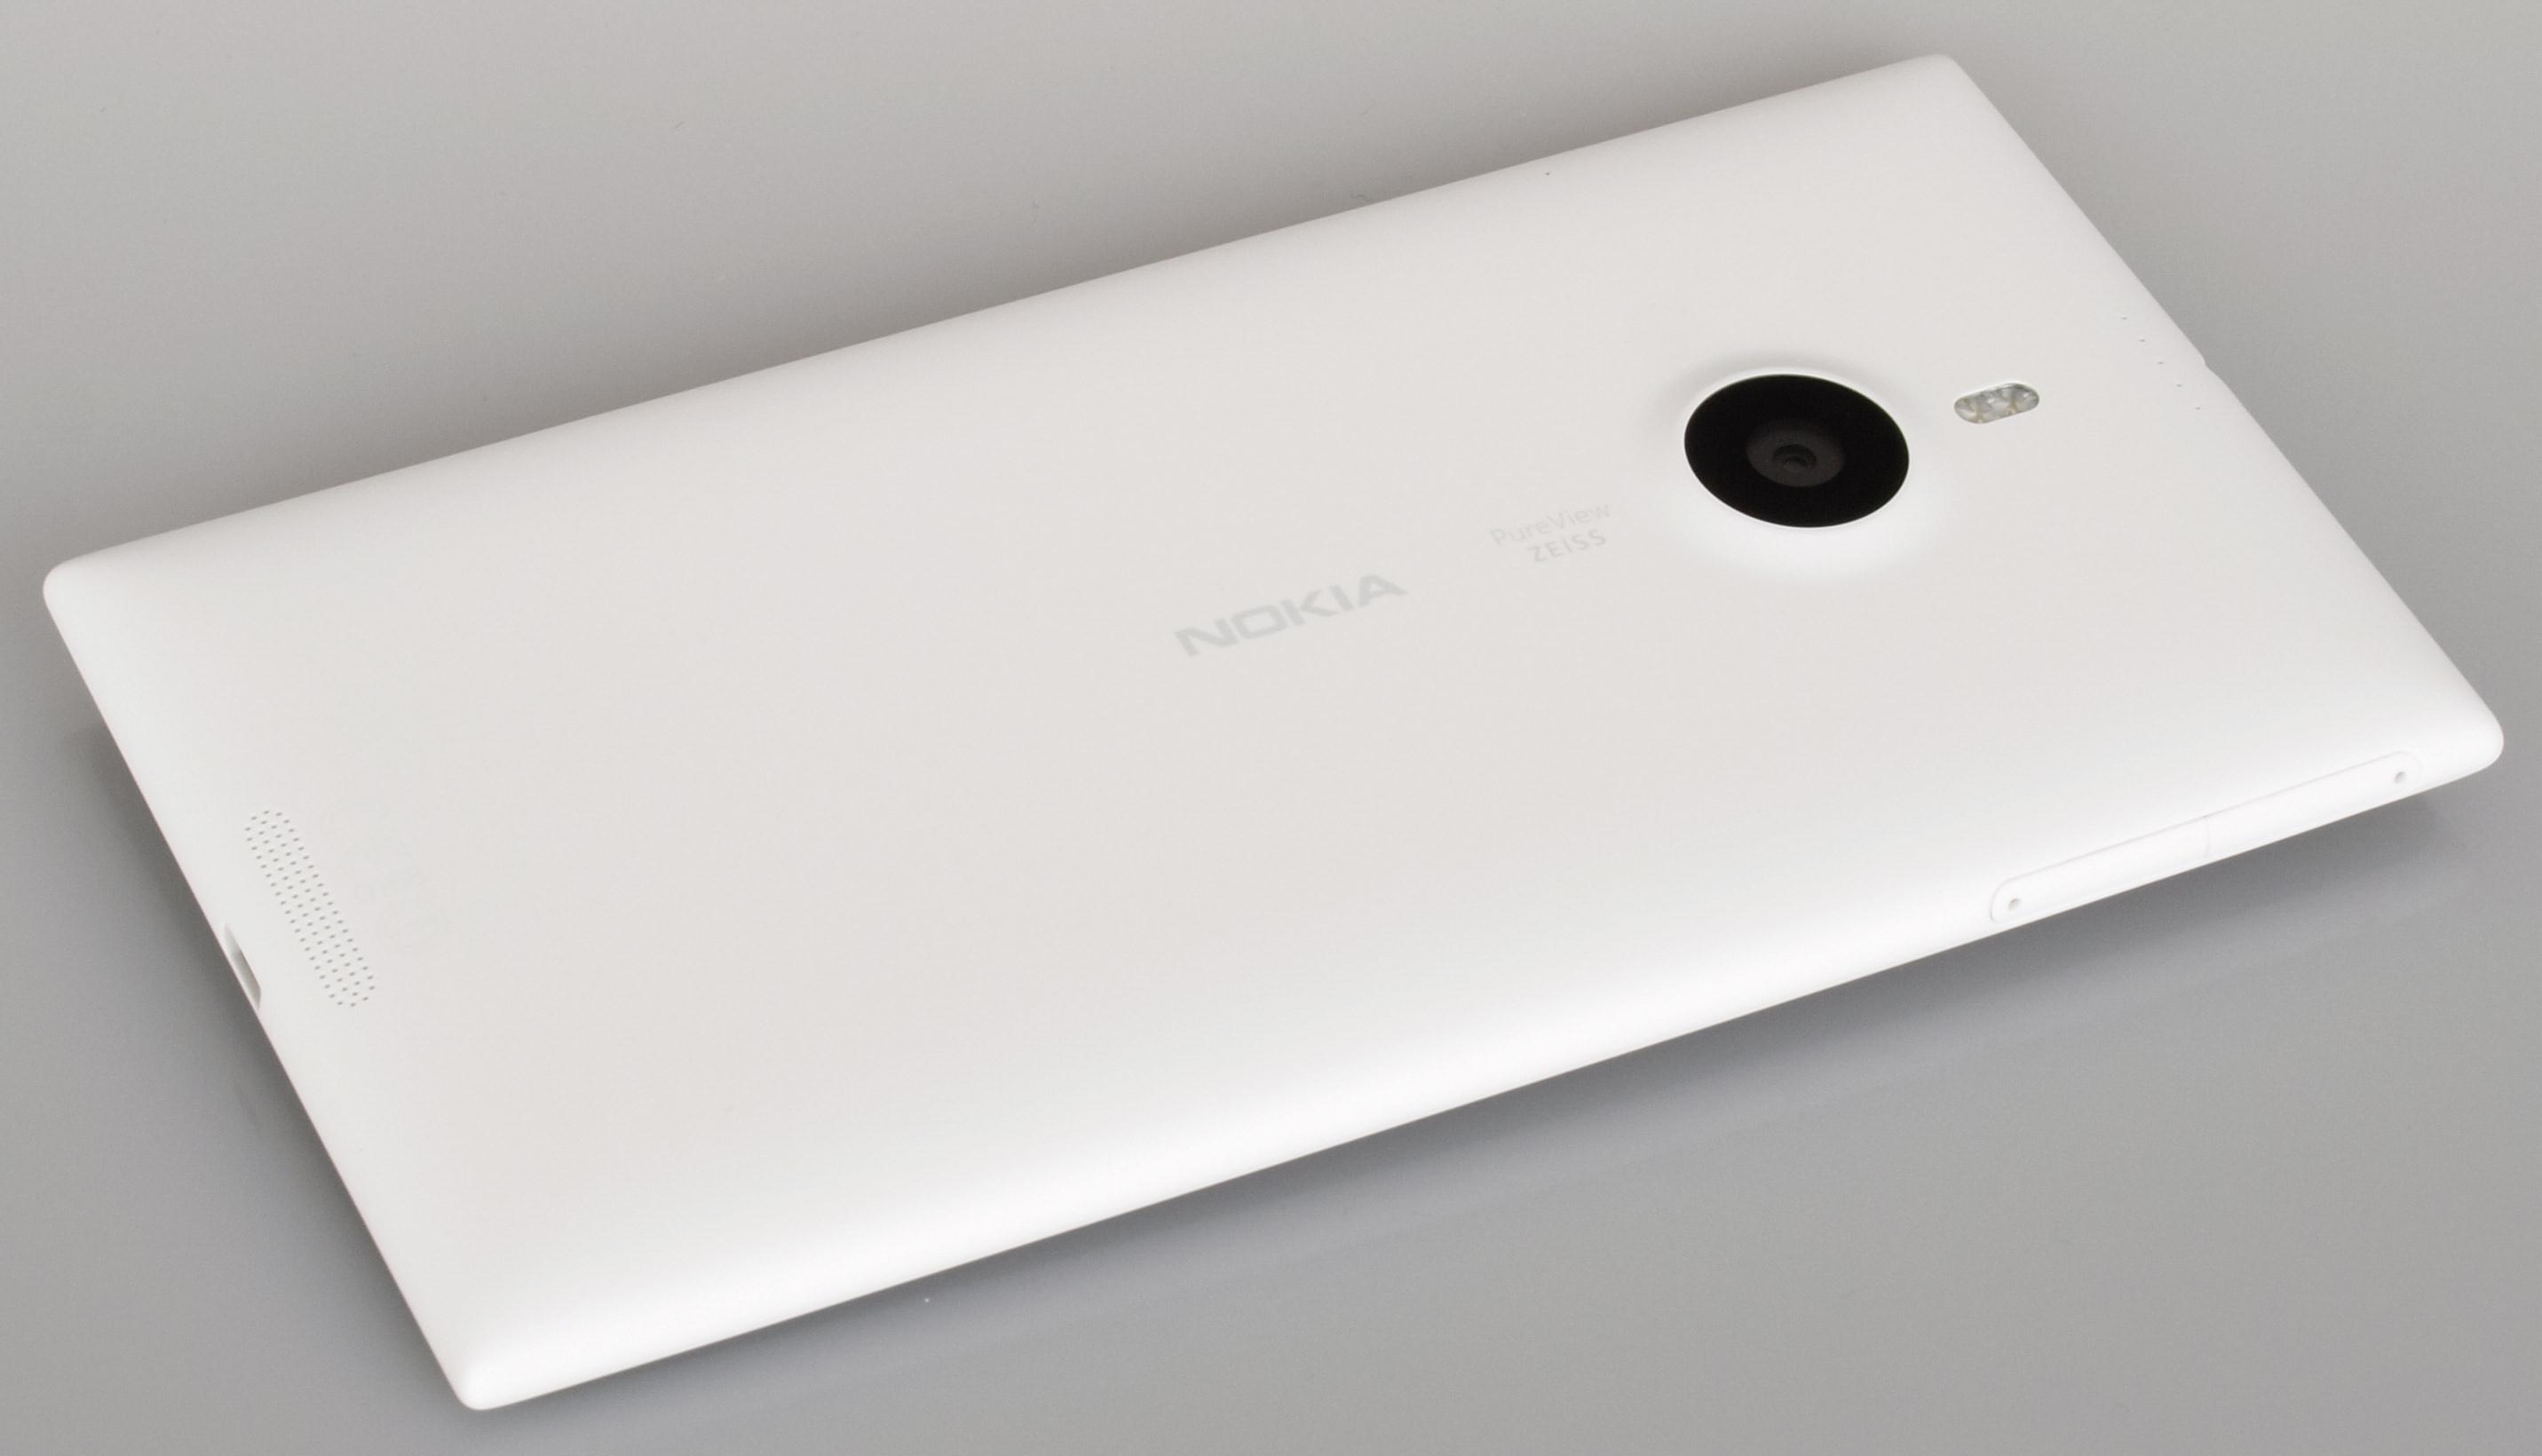 nokia lumia 1520 white. nokia lumia 1520 pureview white (5)